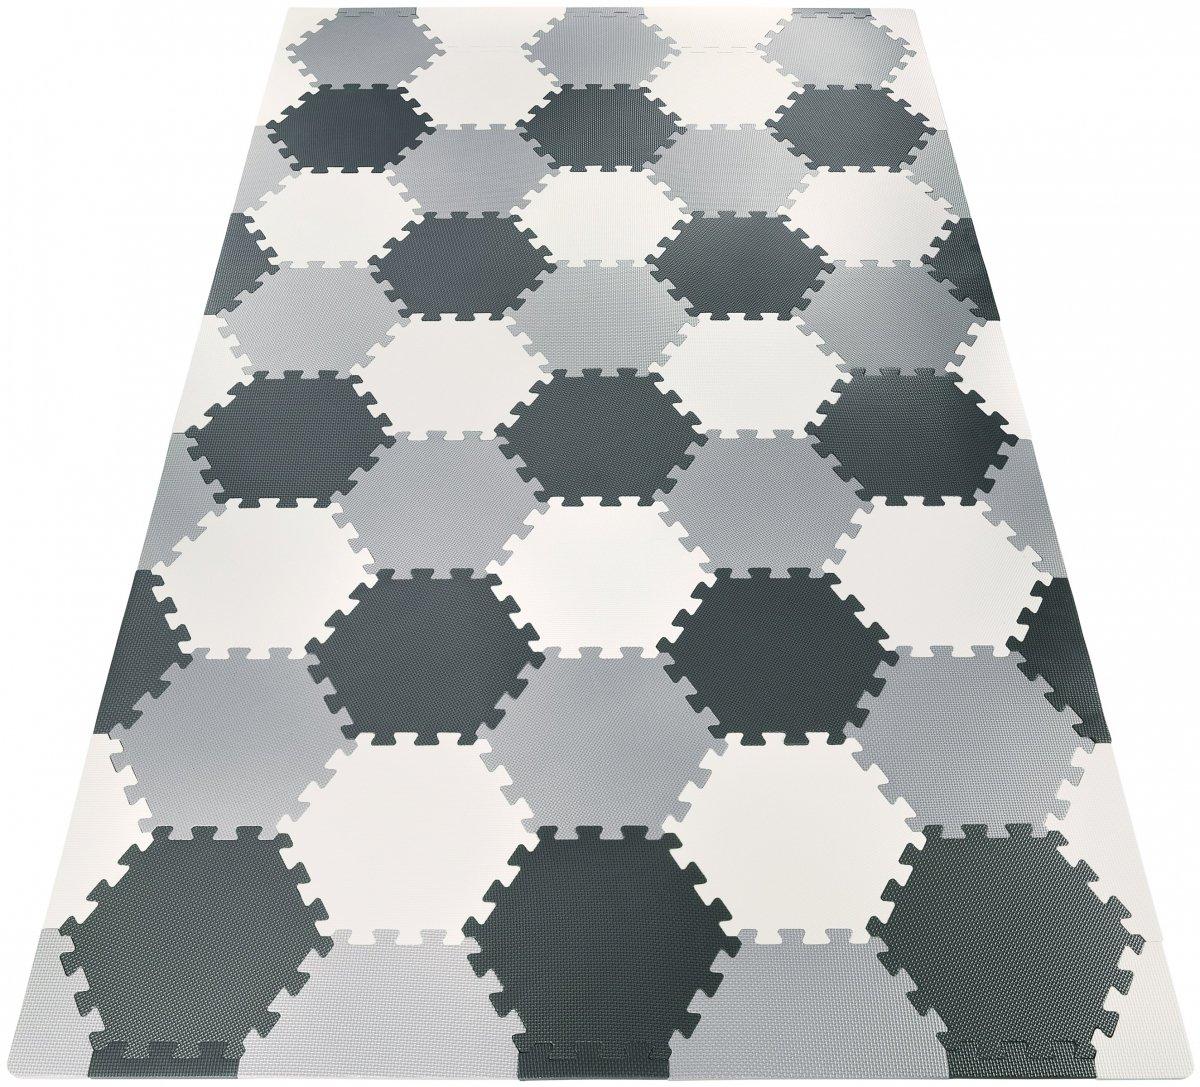 Mata puzzle XXL 260 x 135 x 1 cm - z obrzeżem - pianka EVA  + torba - szara